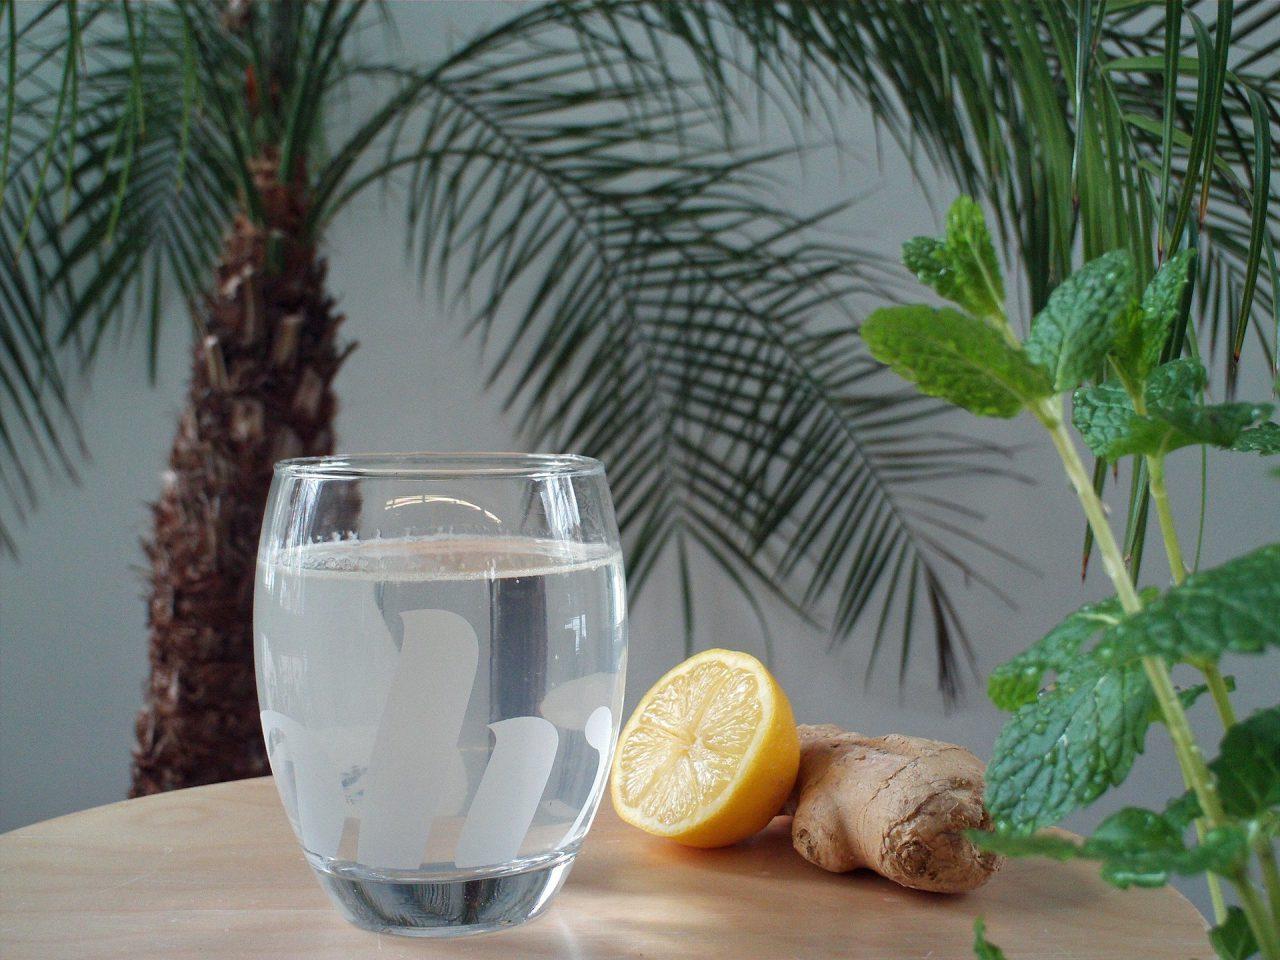 Boire beaucoup d'eau pour favoriser l'élimination des toxines dans le corps